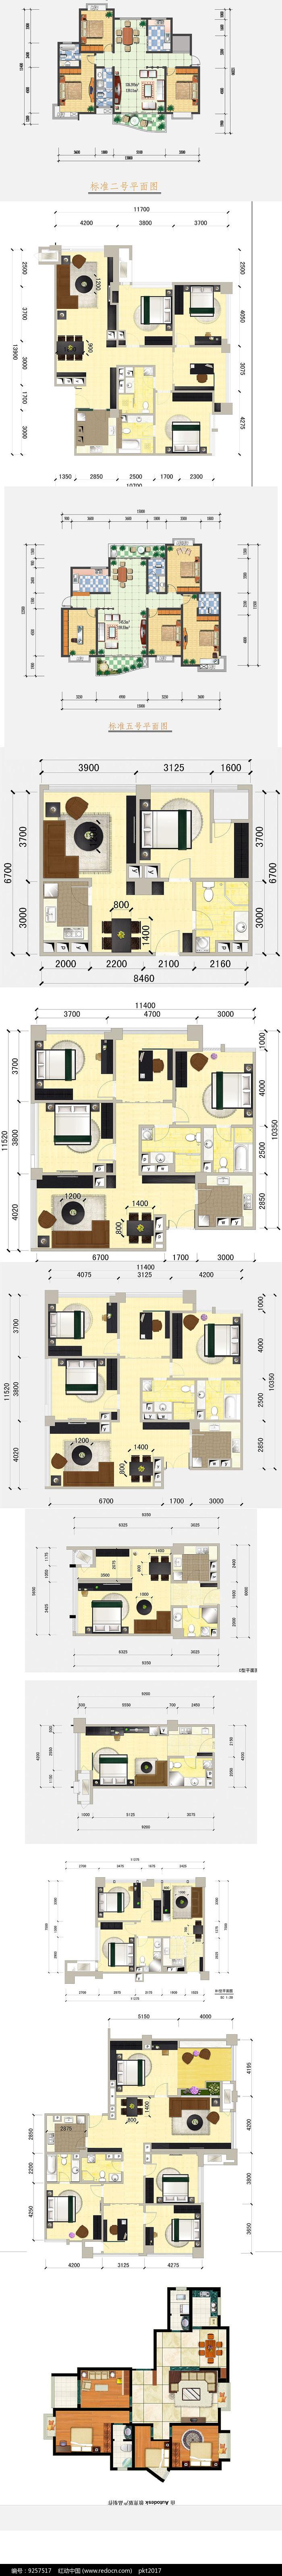 房地产彩平户型图片